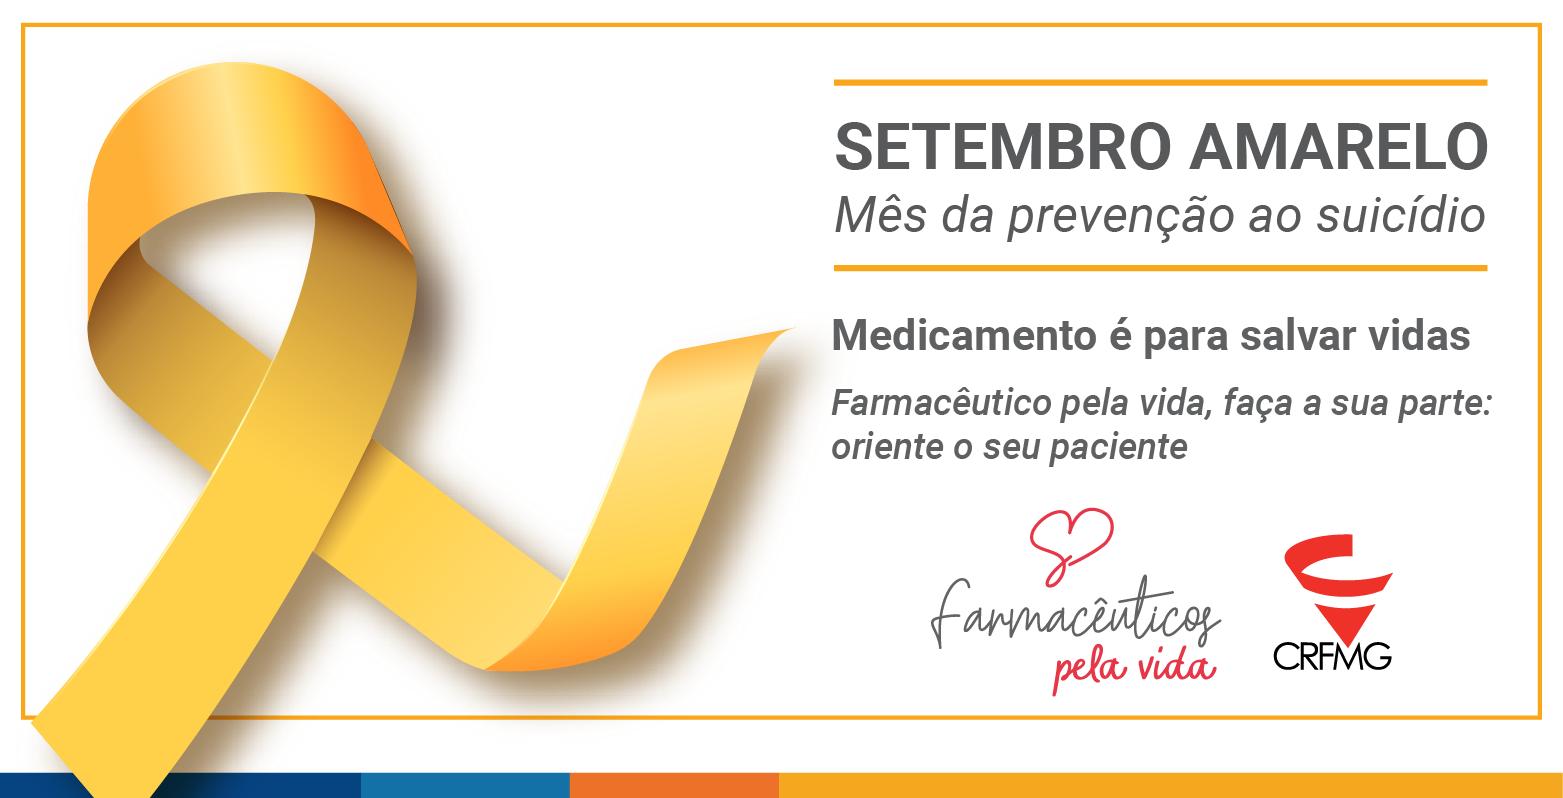 CRF/MG alerta para os riscos no uso de superdosagem de medicamentos na motivação voluntária do suicídio